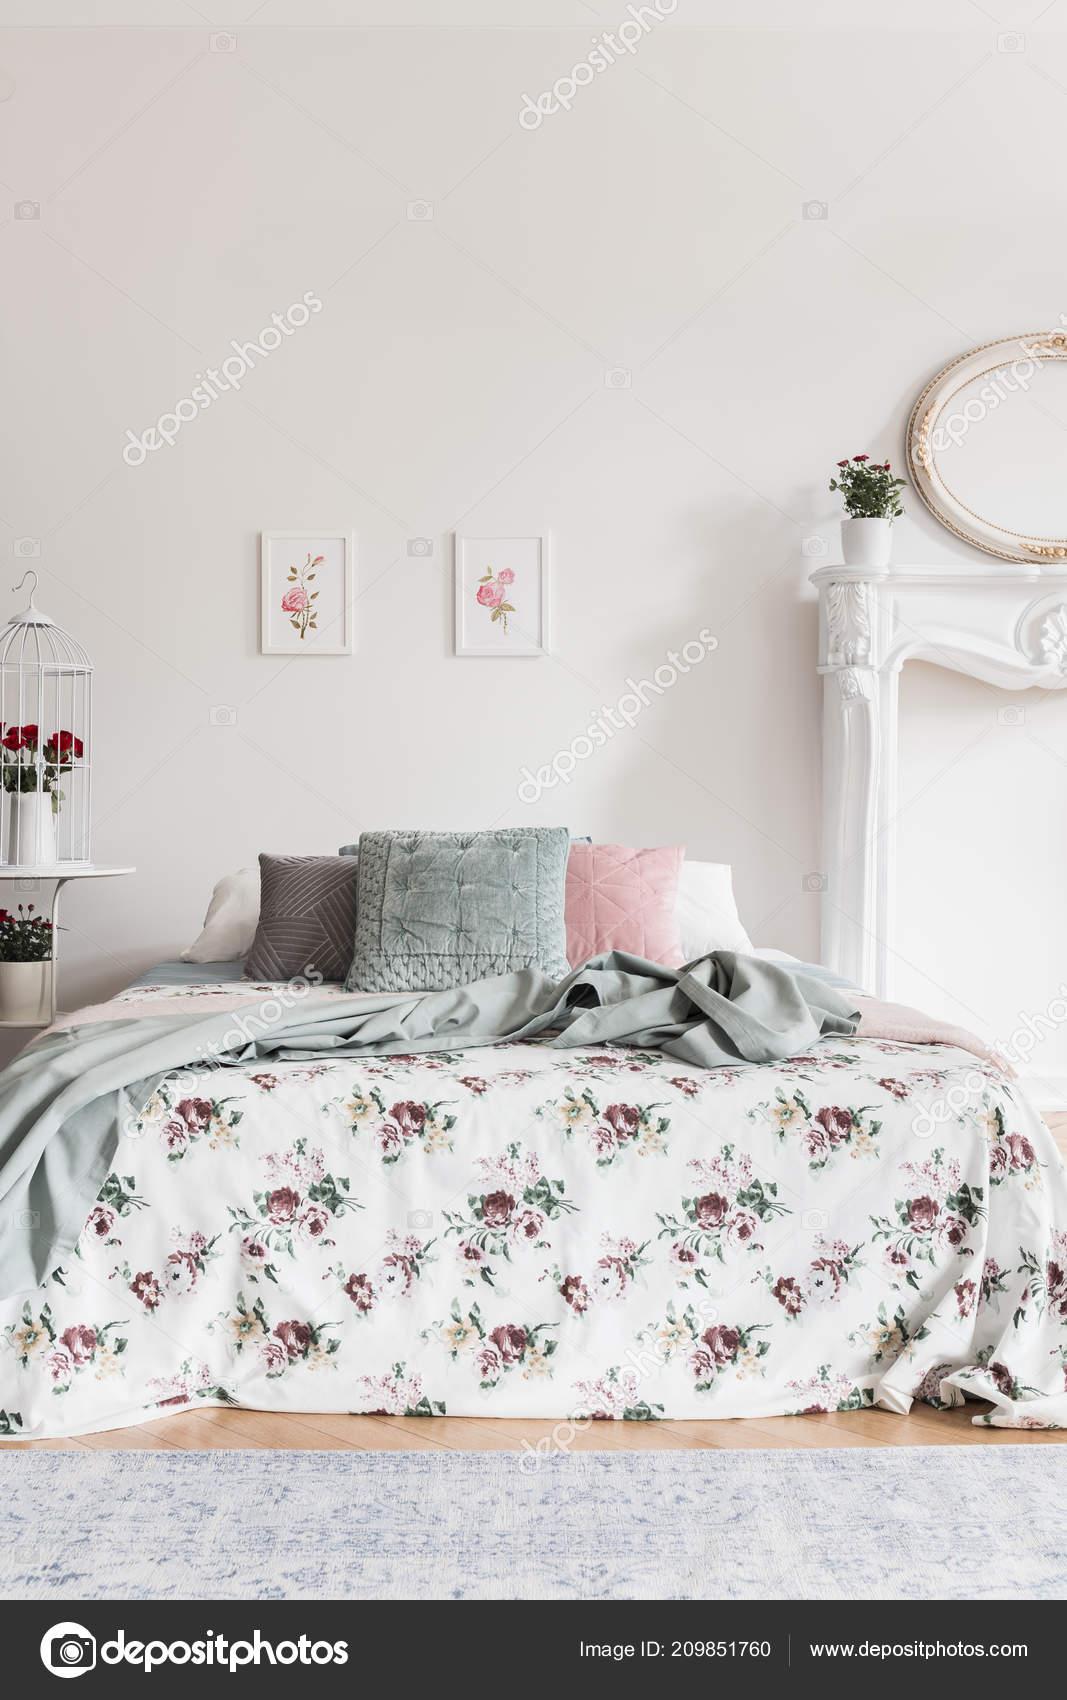 Zwei Einfache Rosa Plakate Aufhangen Der Wand Uber Dem Bett